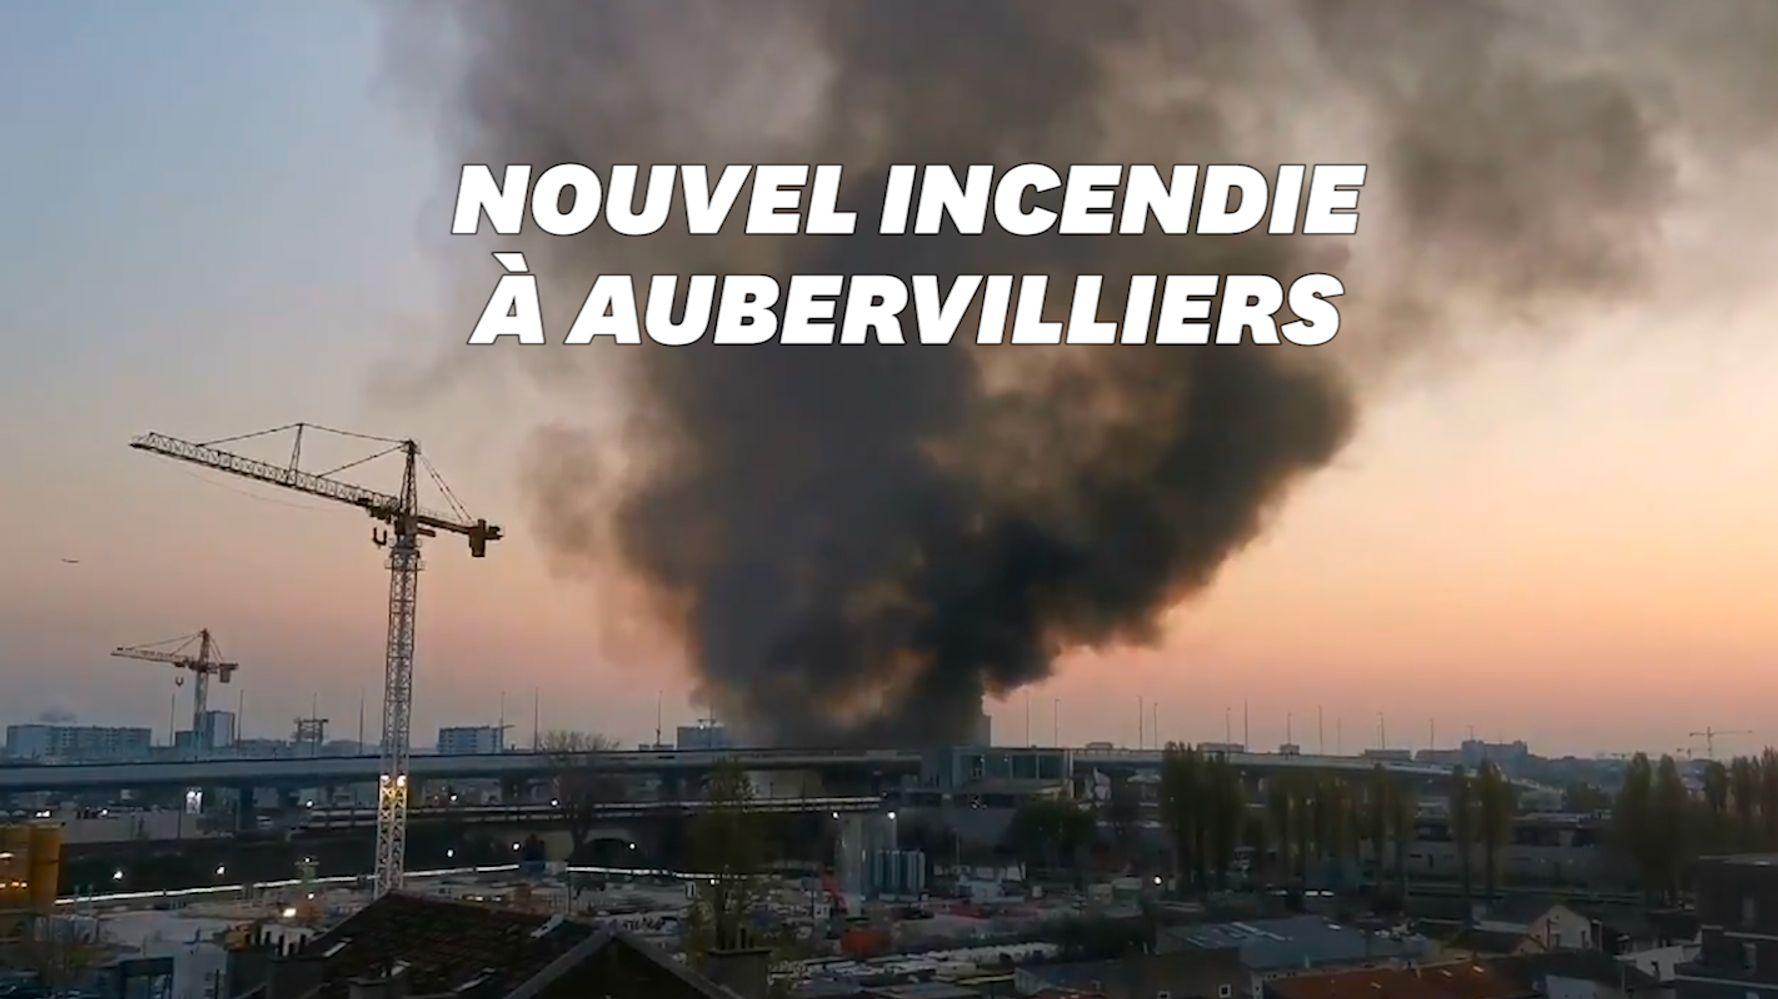 Incendie à Aubervilliers: des colonnes de fumée noire visibles depuis l'A86